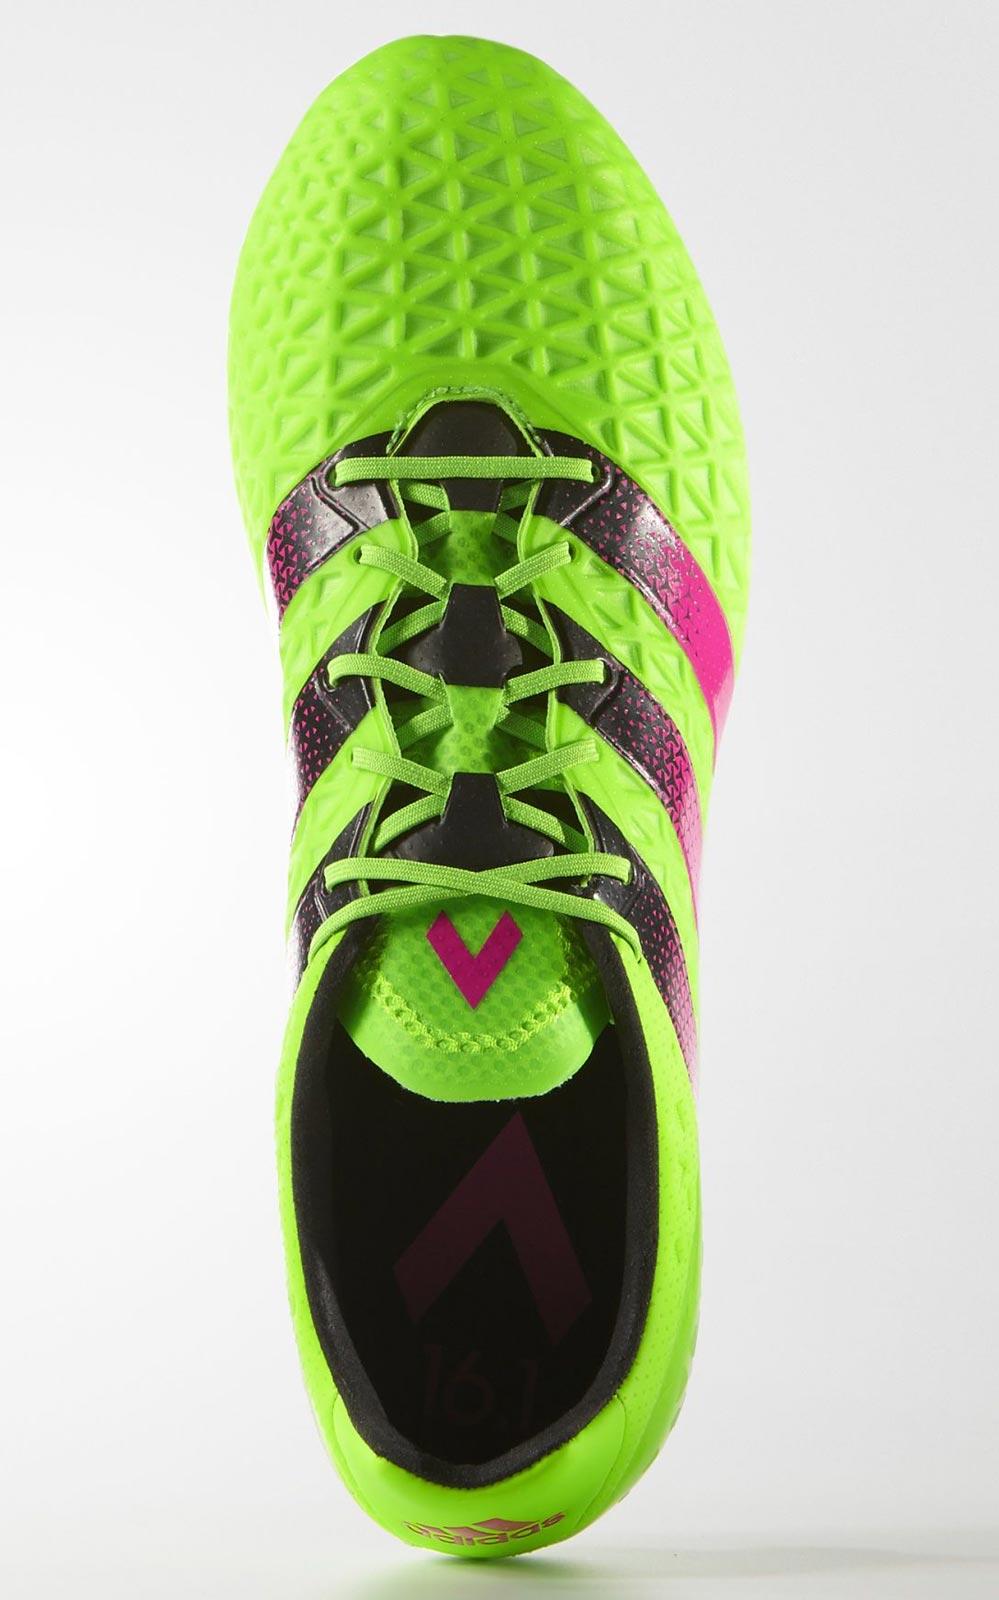 Adidas 16.1